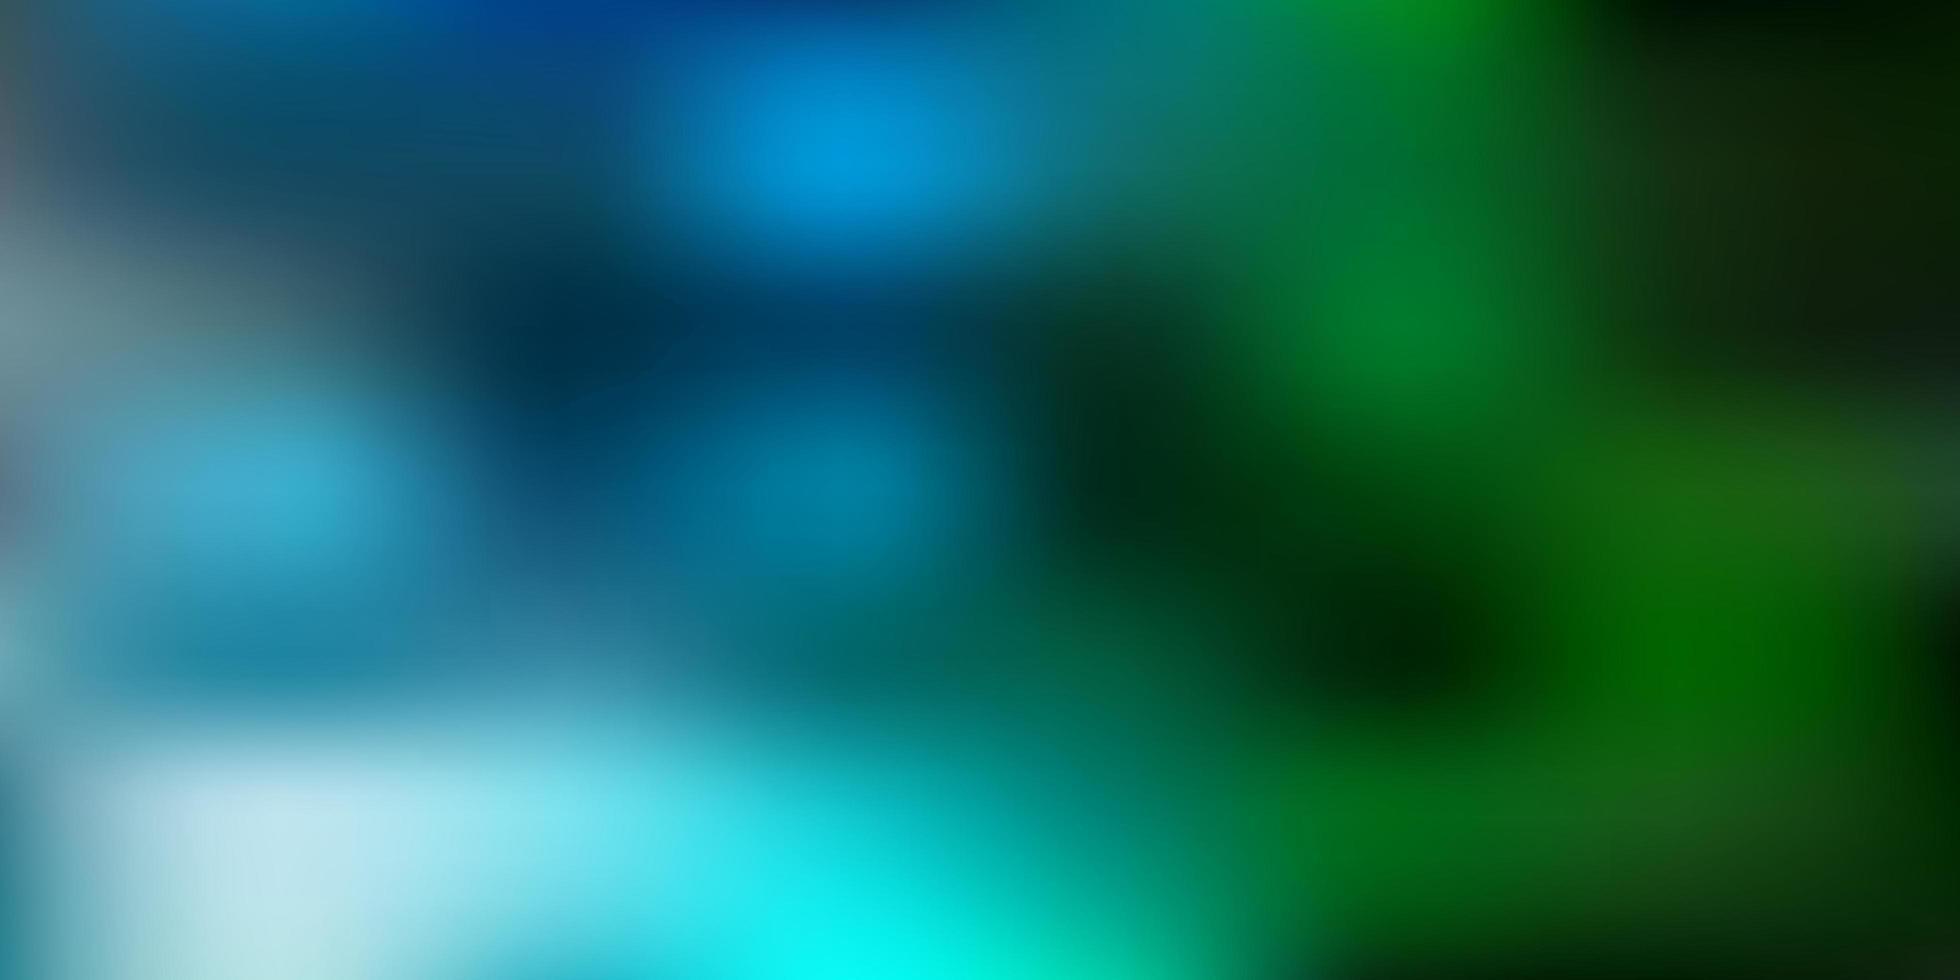 texture de flou dégradé bleu clair et vert. vecteur